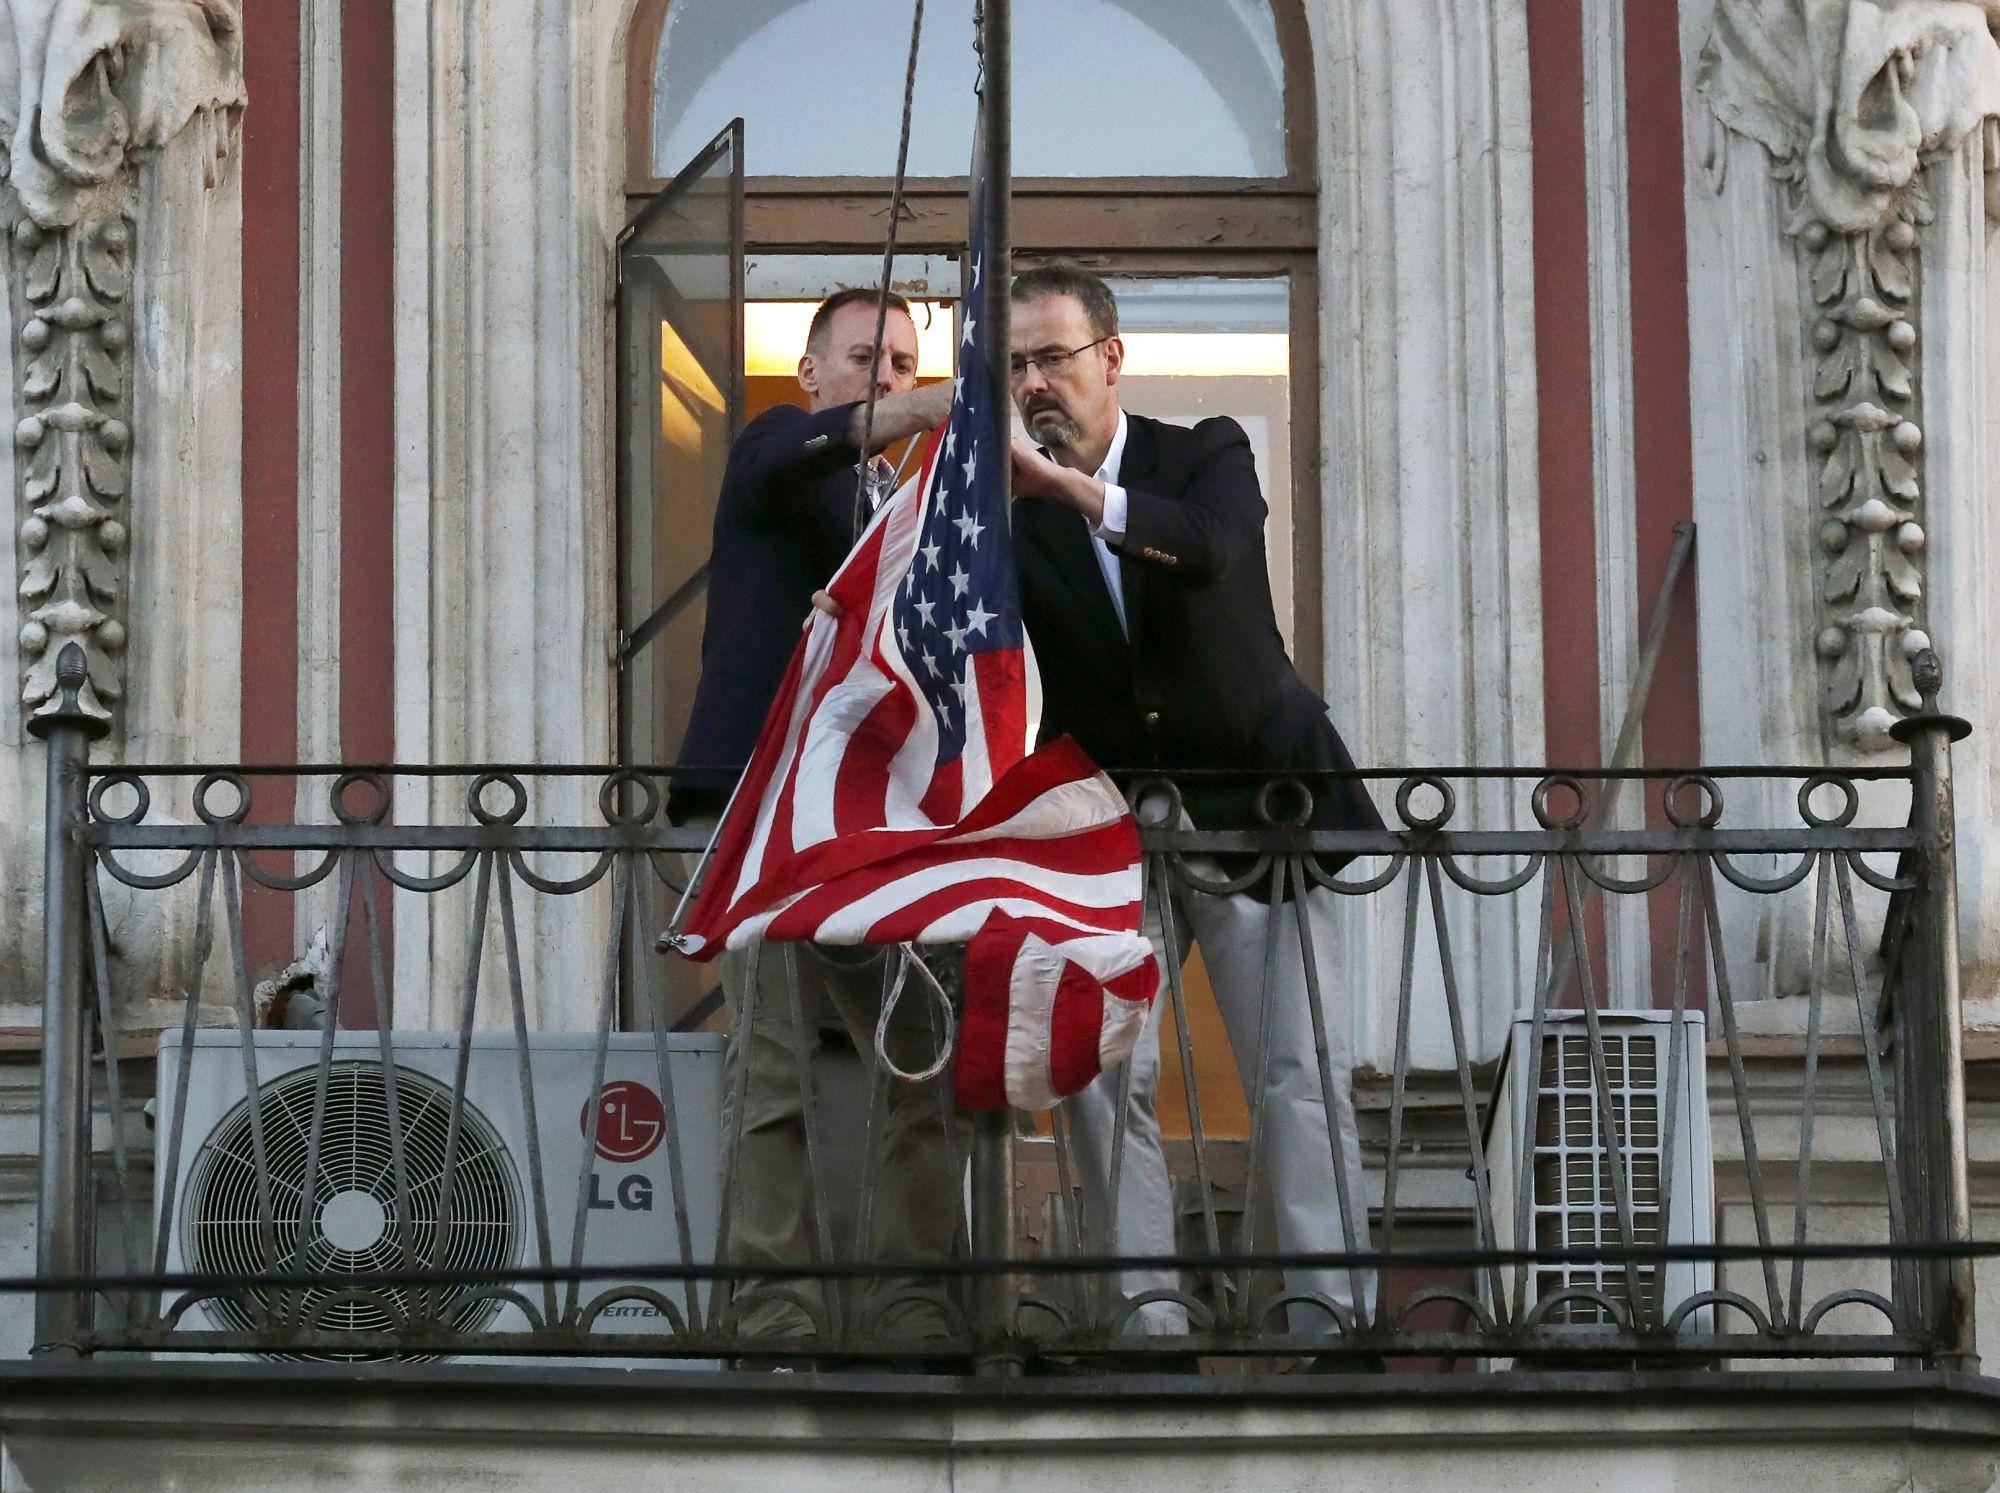 A szentpétervári amerikai konzulátus munkatársai leveszik az amerikai zászlót 2018. március 31-én. Az amerikai szankciókra válaszul Oroszország 60 amerikai diplomatát utasított ki és a szentpétervári konzulátus bezárásáról döntött. Az orosz hatóságok két napot adtak az épület teljes kiürítésére. EPA/ANATOLY MALTSEV